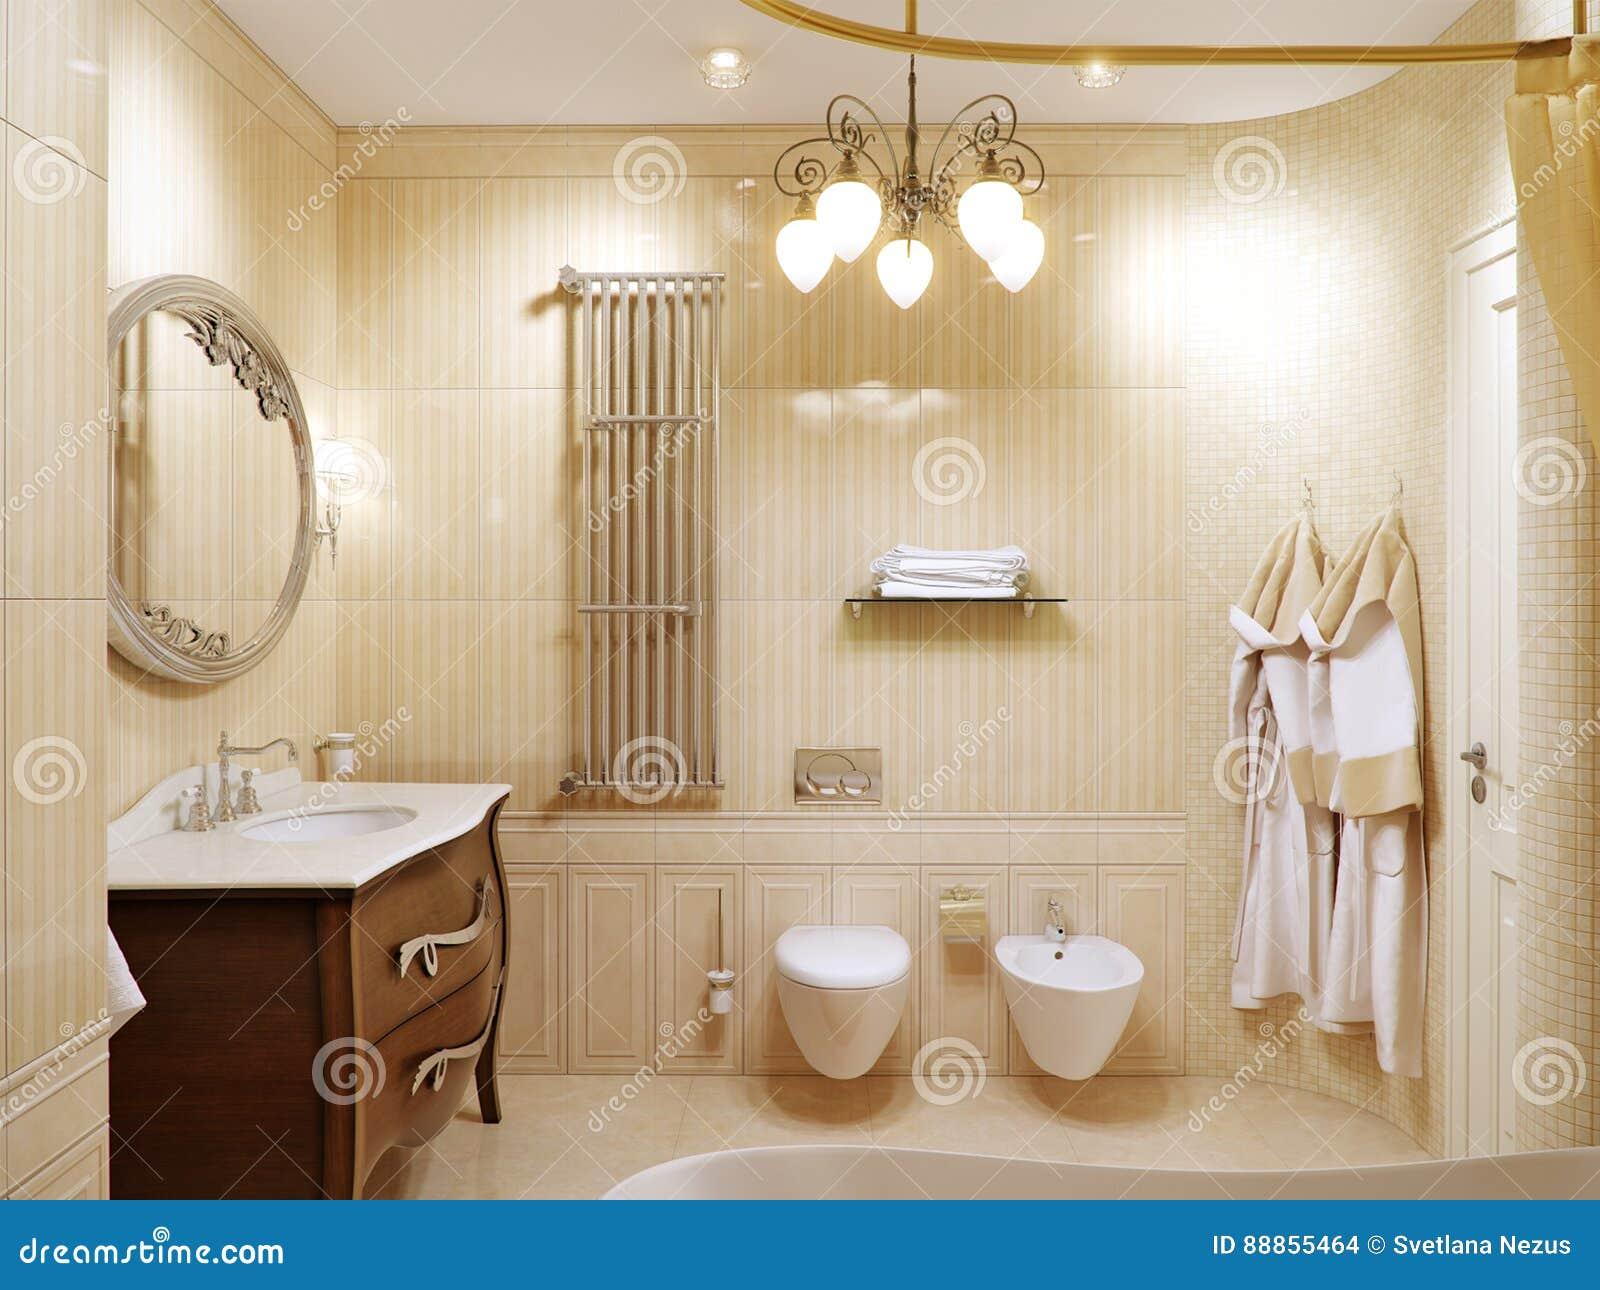 Interior design lussuoso del bagno nello stile classico